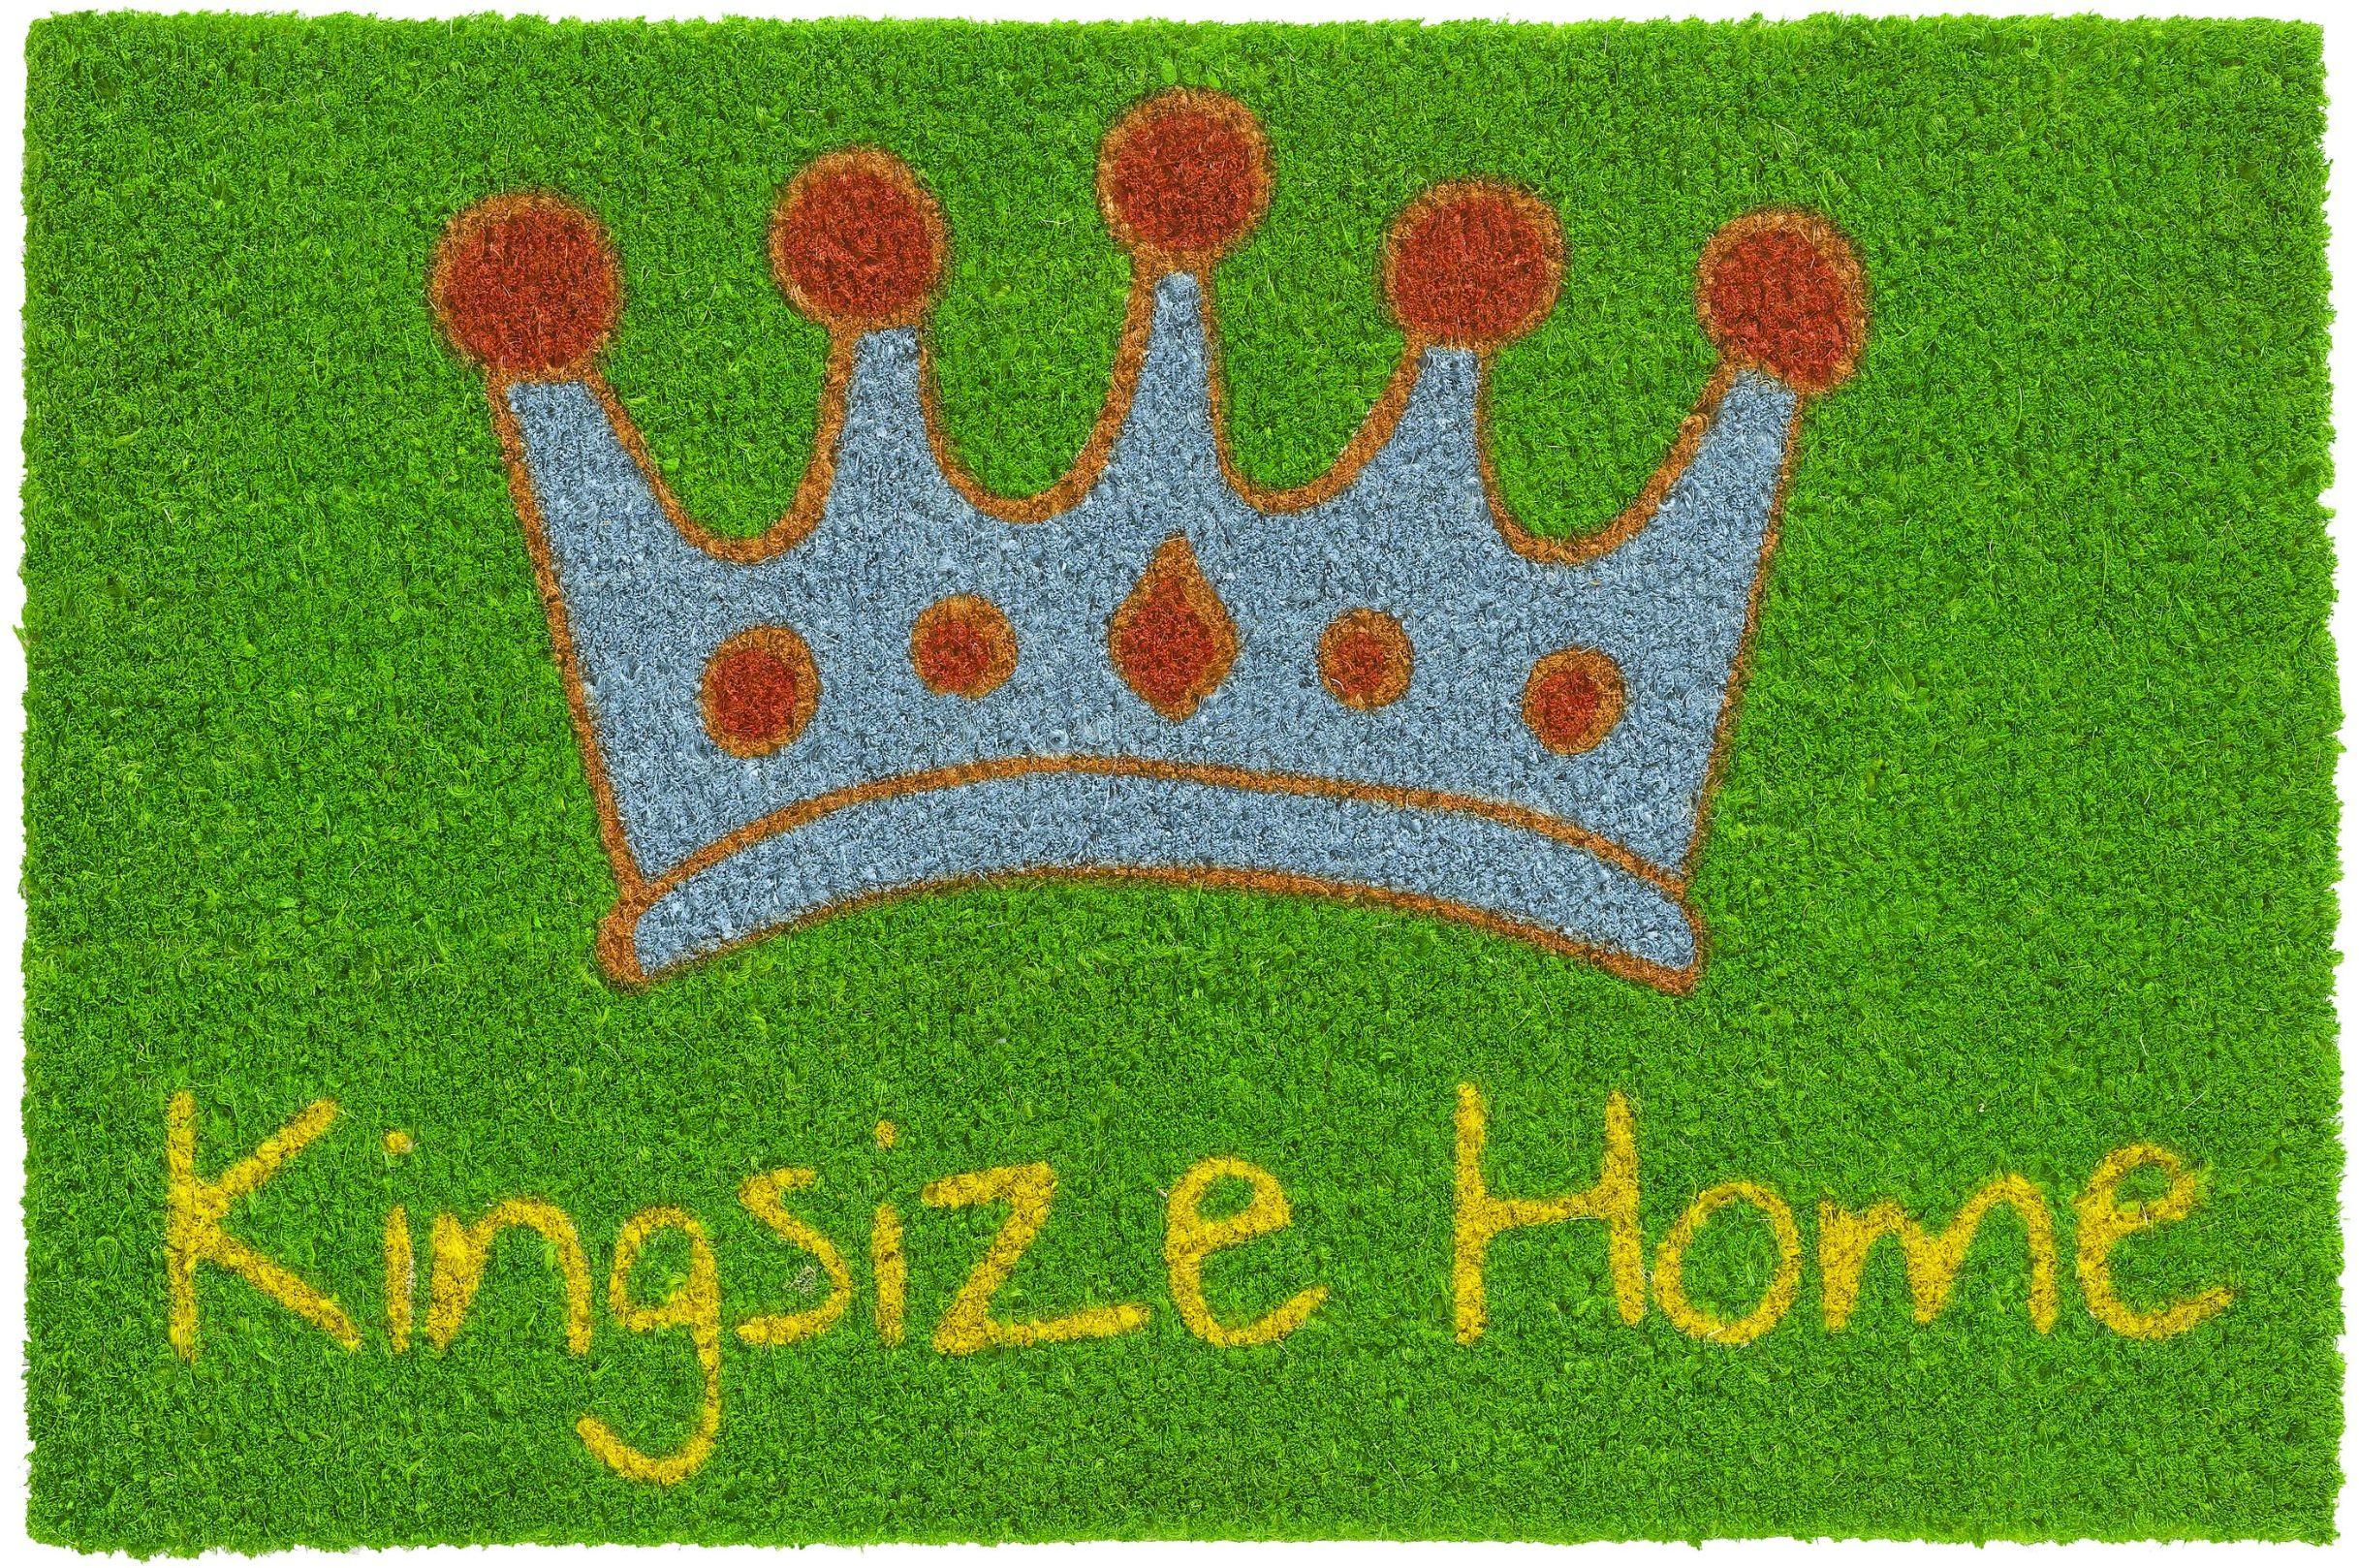 HMT 147408 wycieraczka, z włókna kokosowego, łóżko wodne, duże rozmiary, rozmiar Kingsize Home 40 x 60 cm, zielona